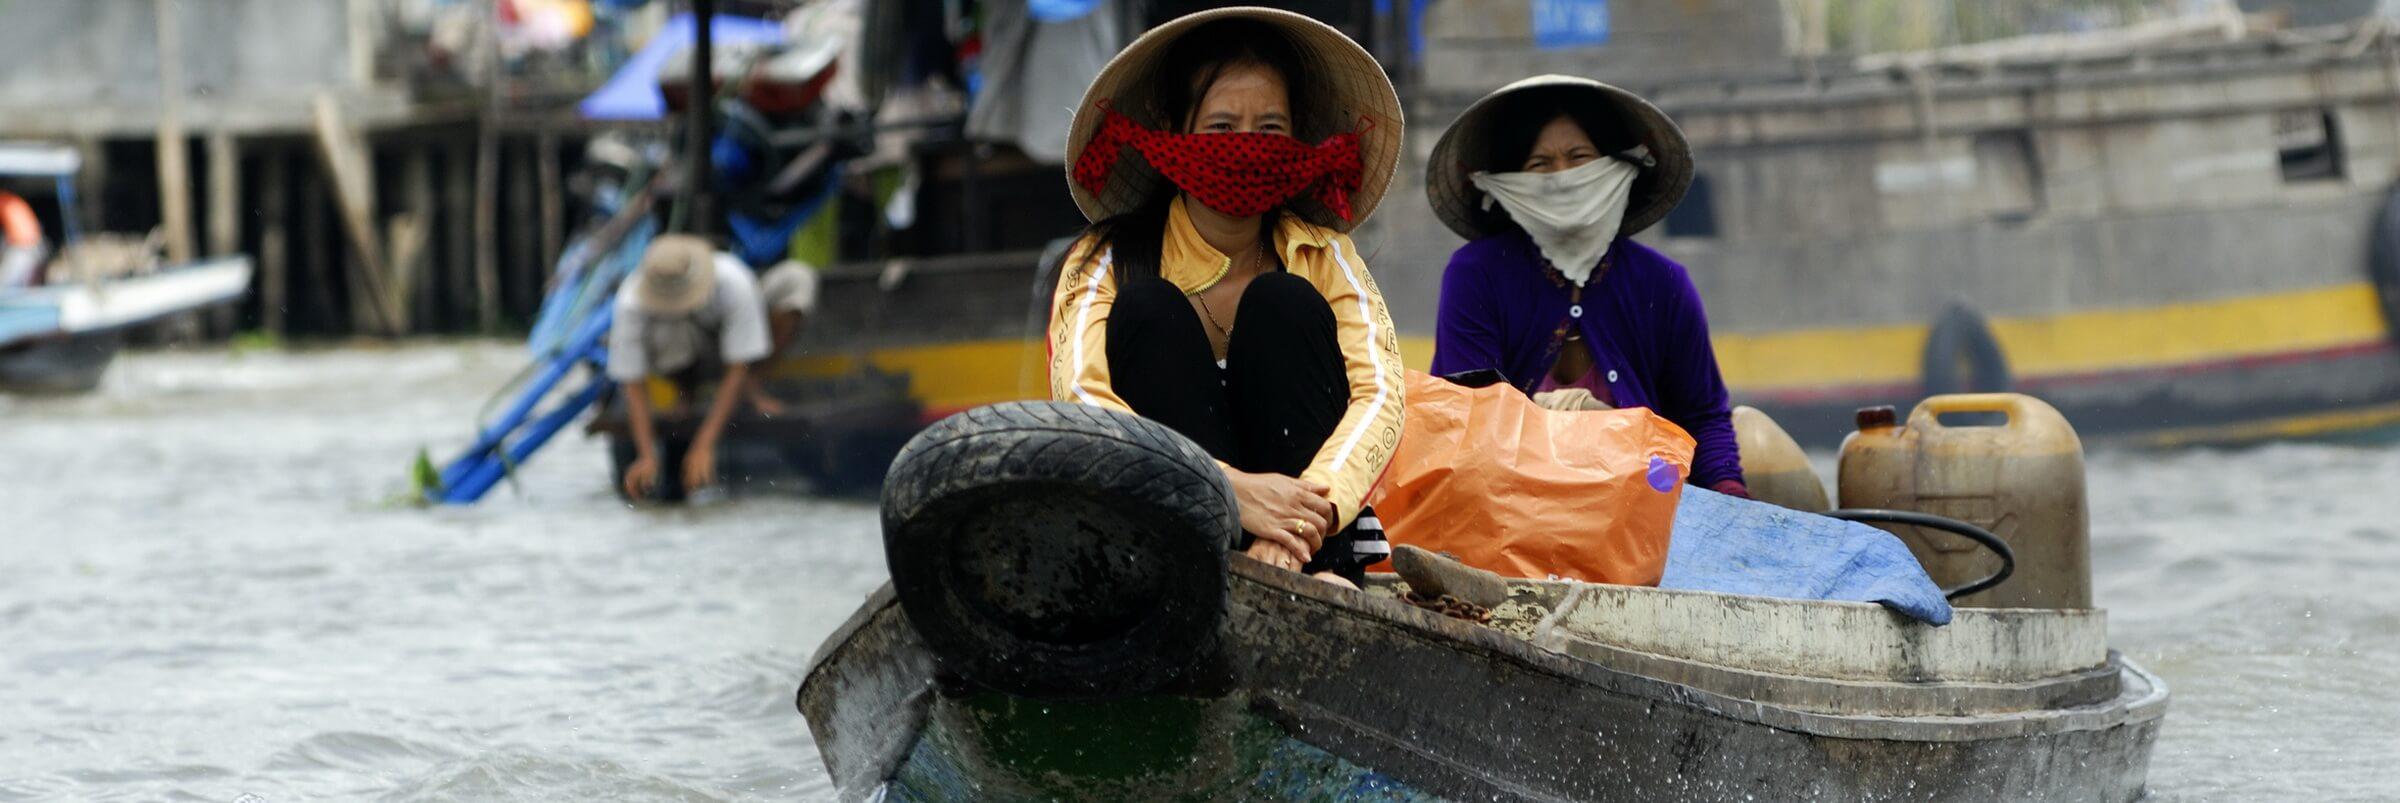 Die sogenannten schwimmenden Märkte sind Großmärkte des Mekong Deltas, auf denen Obst und Gemüse aus lokaler Produktion direkt vom Schiff aus verkauft werden.